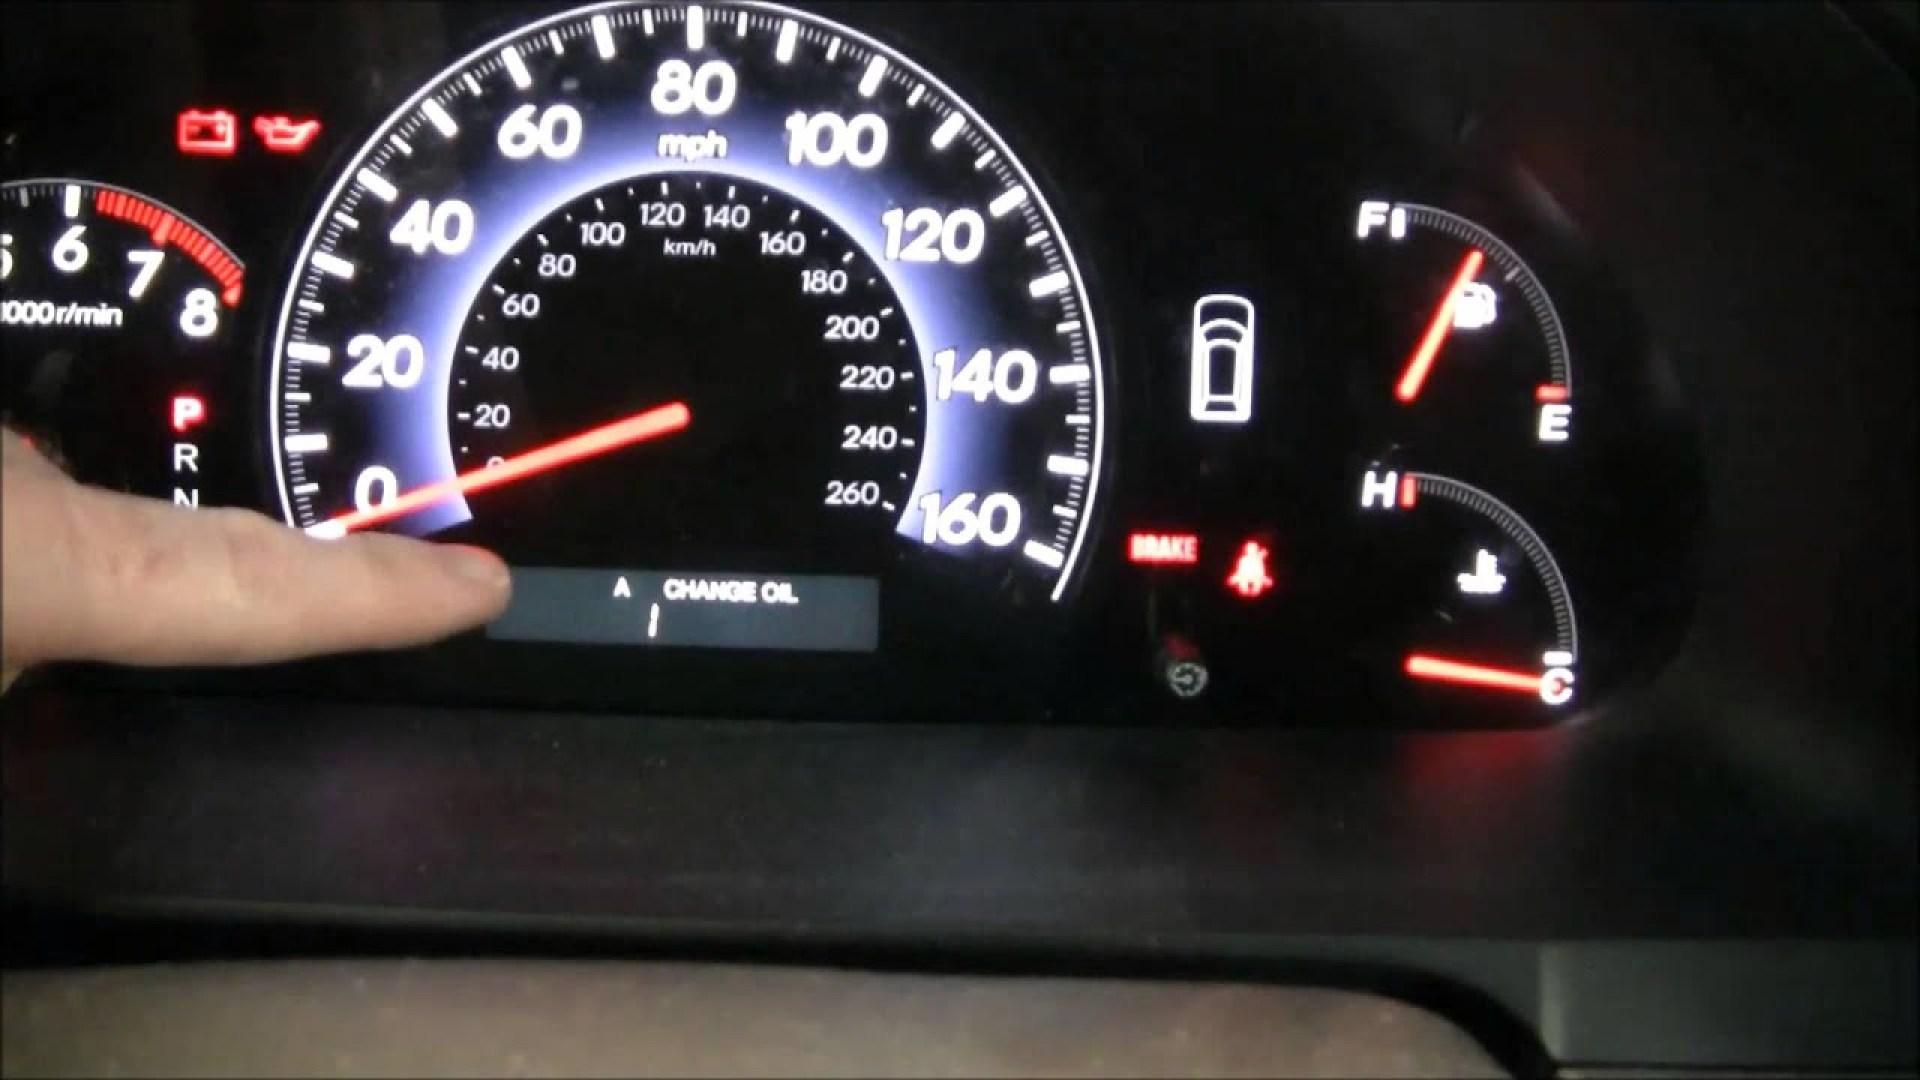 Vsa And Check Engine Light 2009 Honda Pilot | Decoratingspecial.com